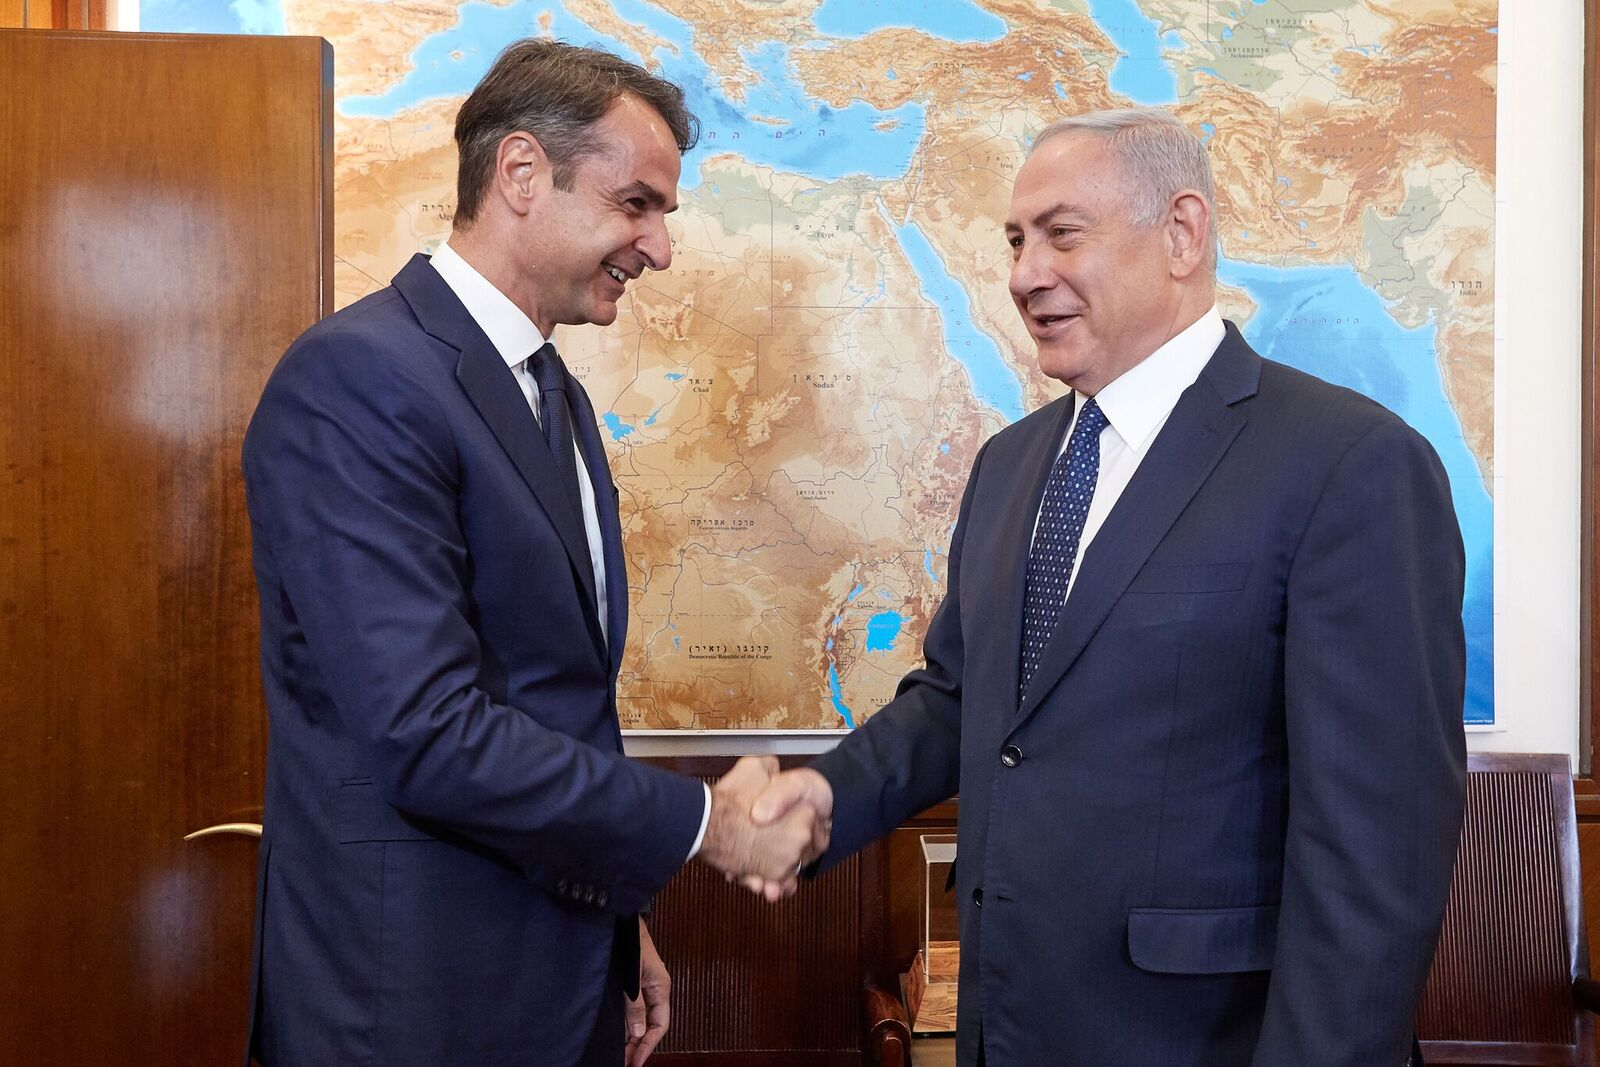 Με τον Netanyahu συναντήθηκε ο Μητσοτάκης στην Ιερουσαλήμ.